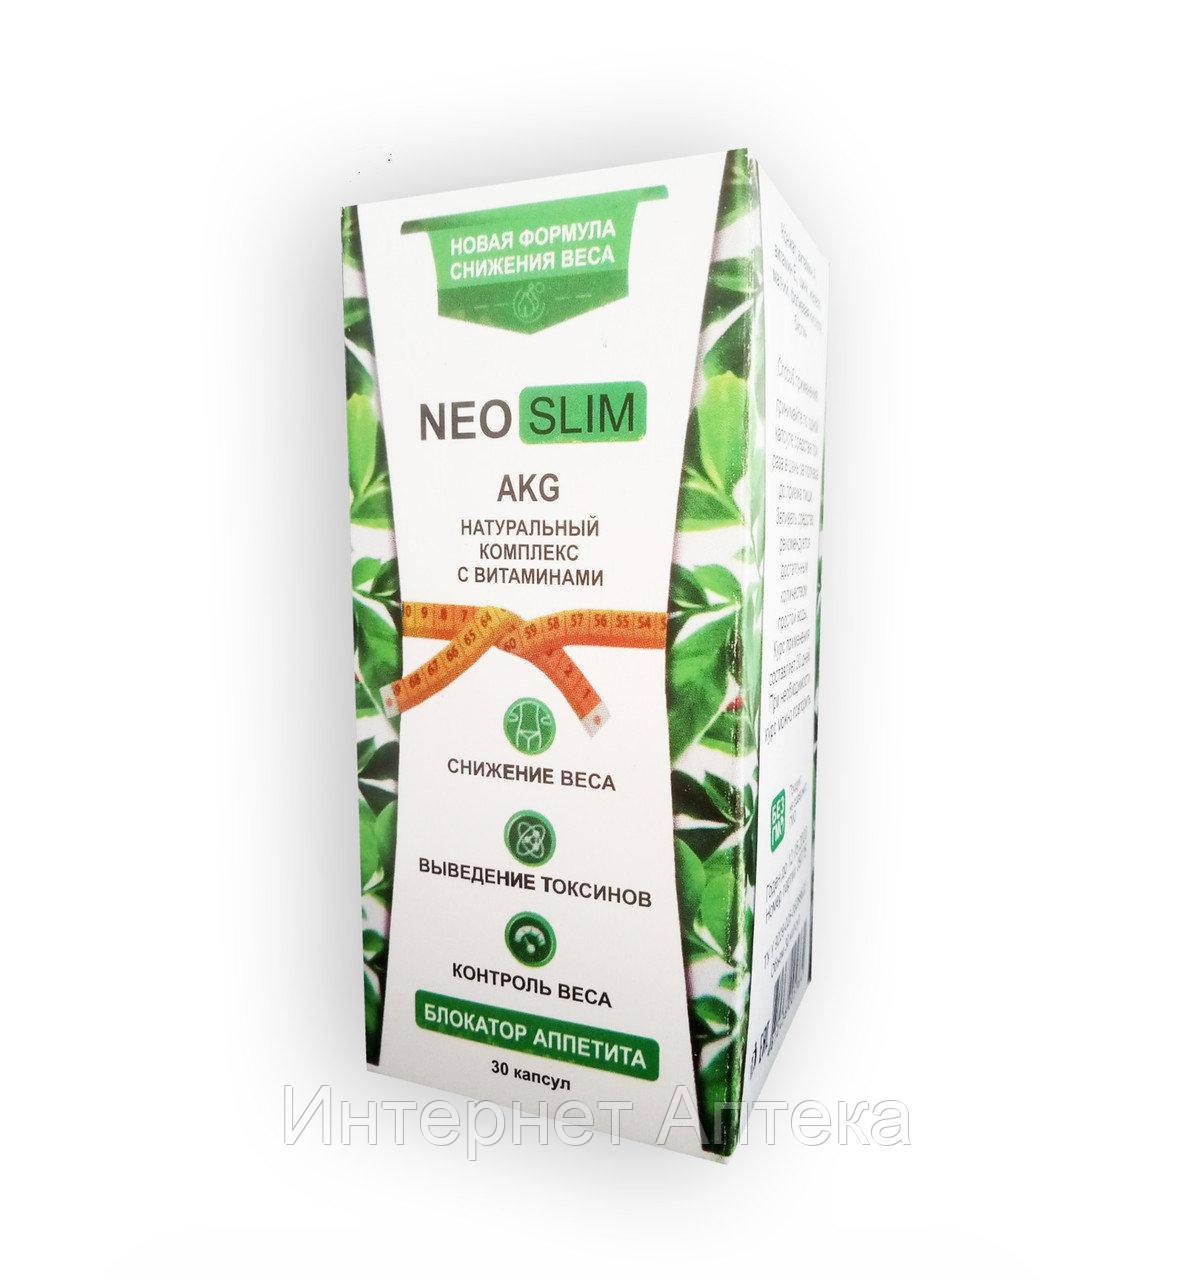 Капсулы для похудения Нео слим акг, Neo slim akg капсулы для снижения веса